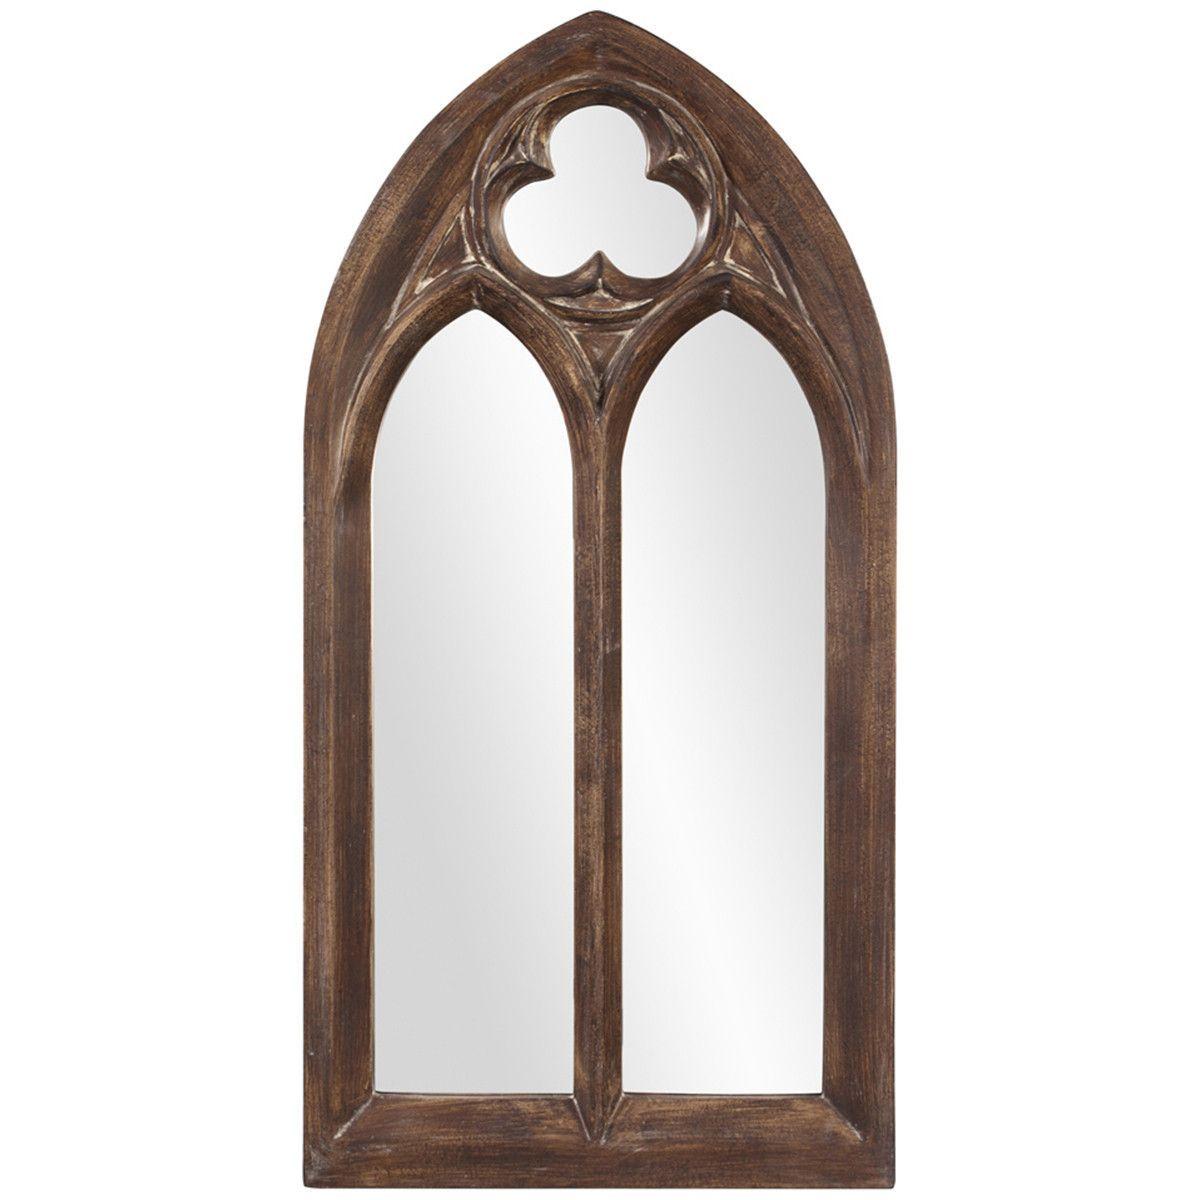 Window mirror decor  howard elliott basilica narrow arched mirror  arch mirror arch and